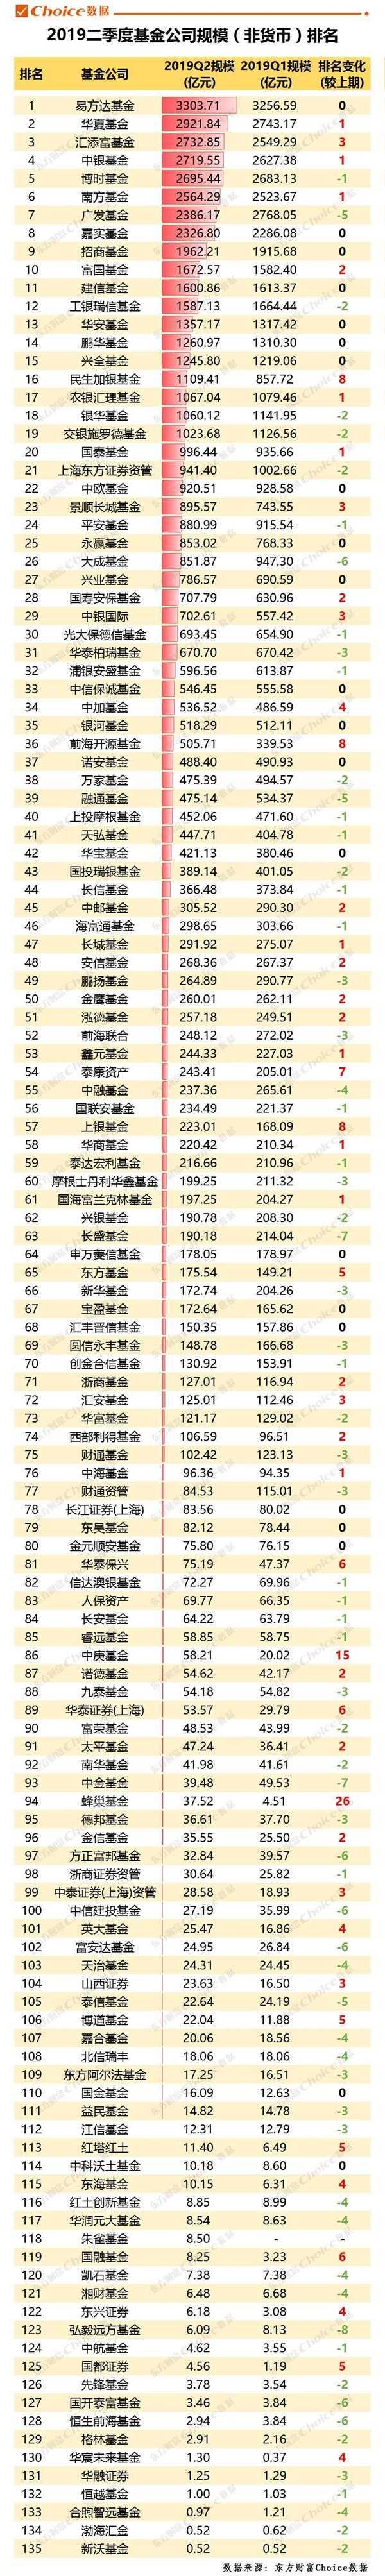 2019年度基金排行_2019上半年基金排行榜 2019上半年基金业绩前十排名 2